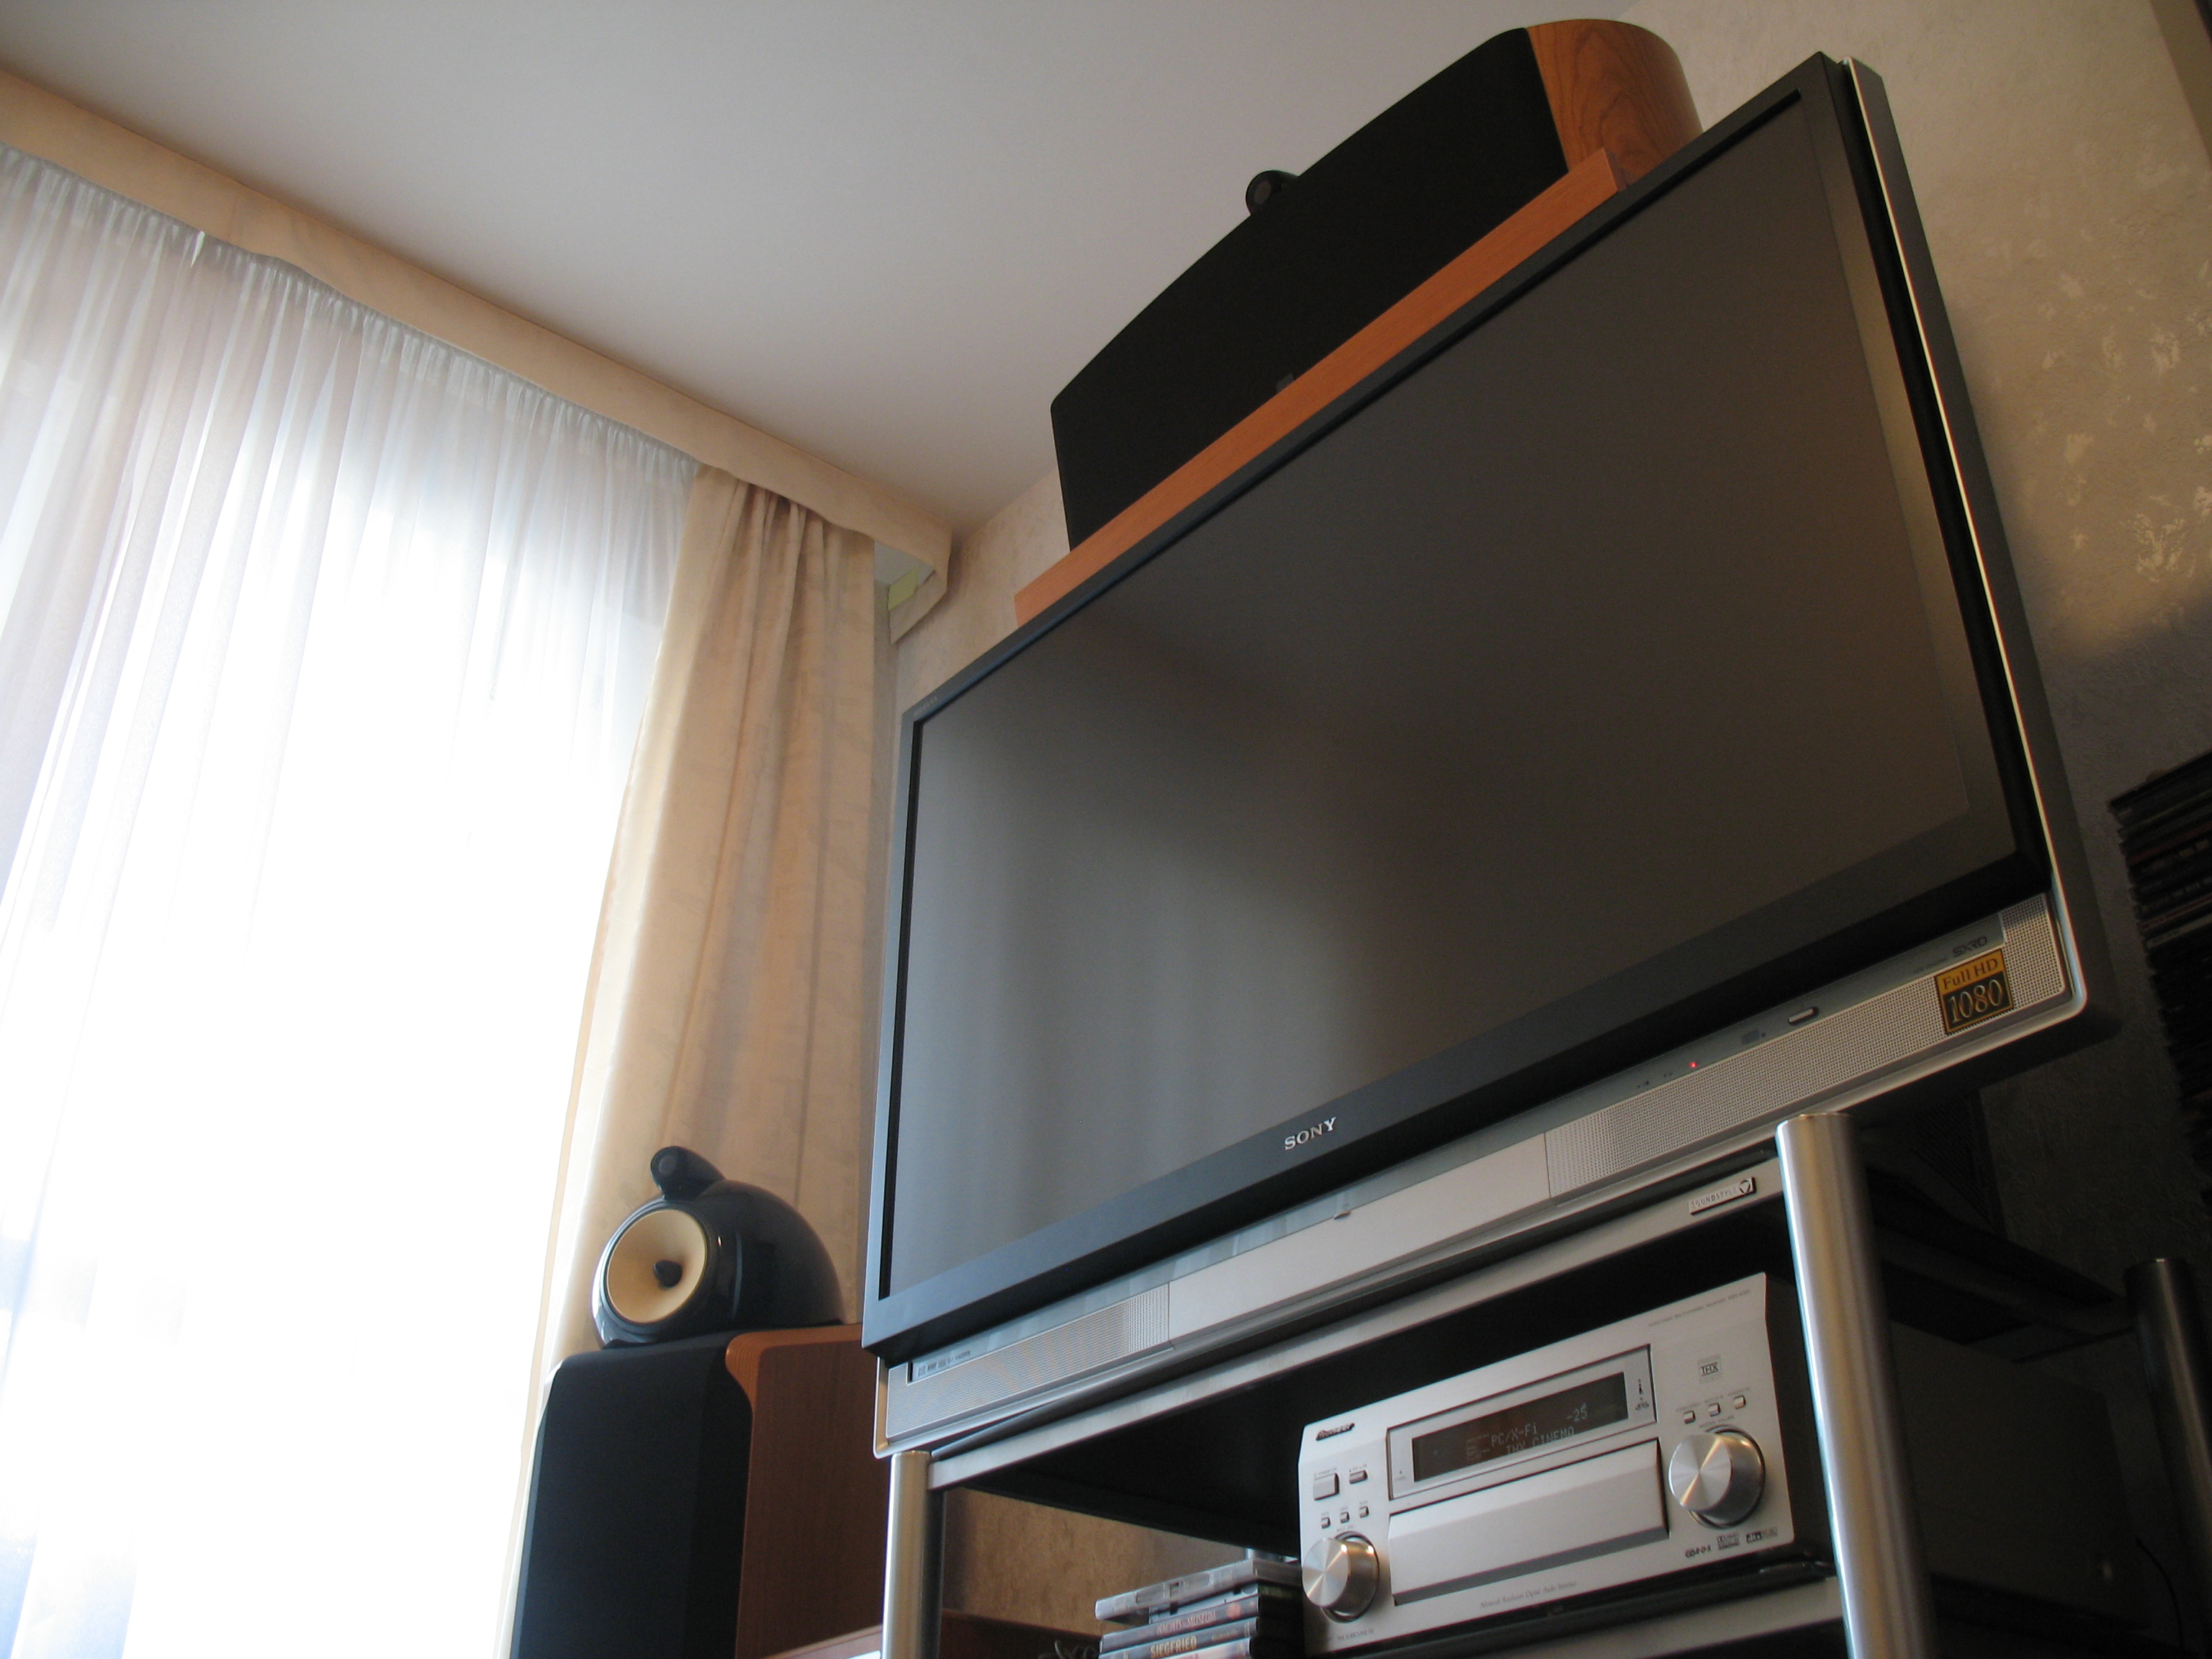 the hdtv - Sony KDS-55A2000